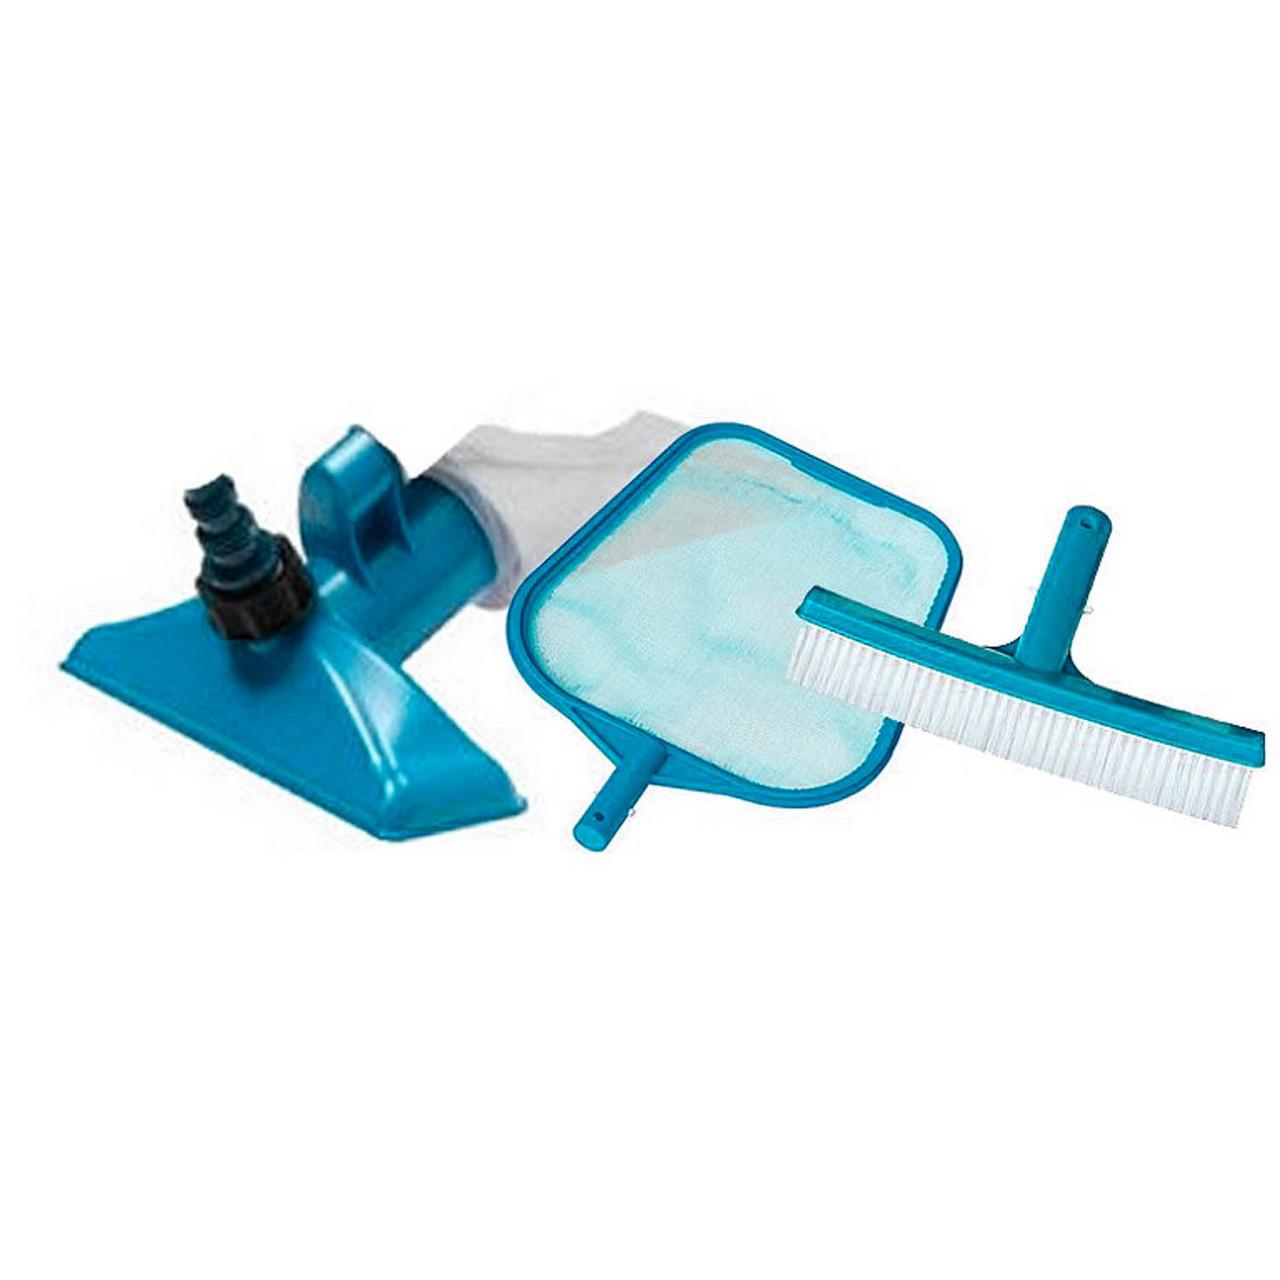 Стандартный набор насадок для ухода за дном и стенками бассейна Intex 29056 (диаметр 26.2 мм)